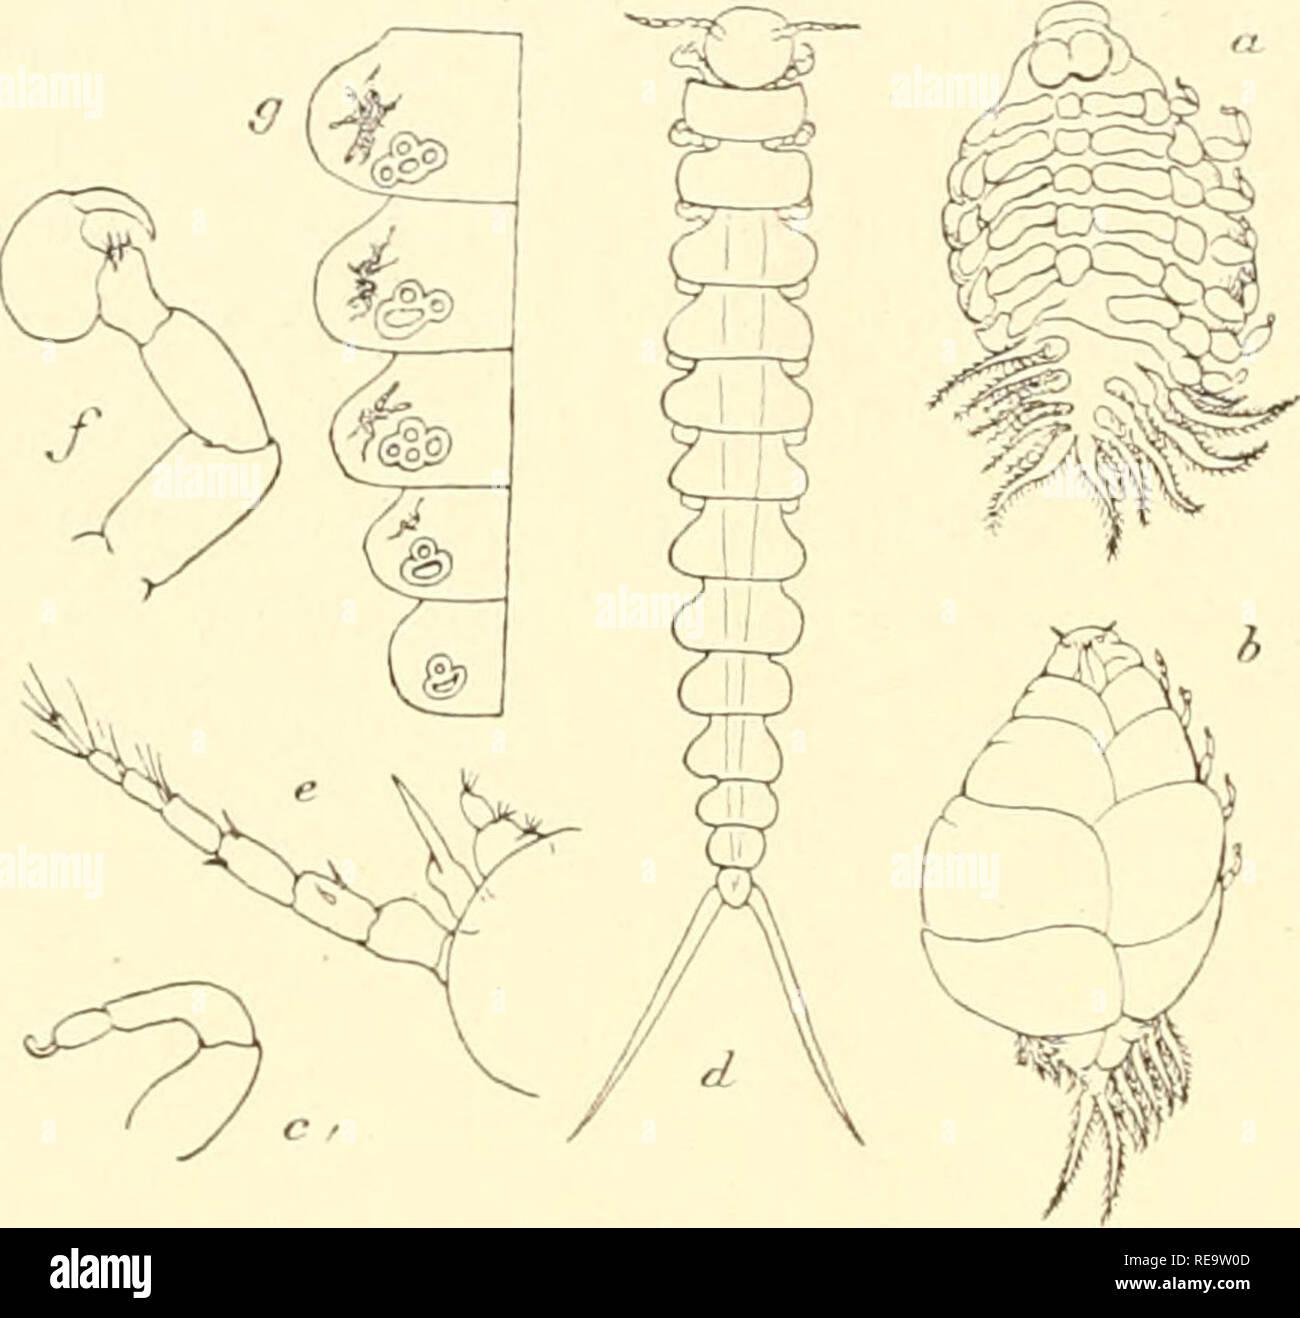 . Une contribution de l'étude des Ãpicarides les Bopyridae. Bopyridae; généalogie. 256 â â Voici la description de cette espà côte d'aprè¨s Leidy: La fenieUe adulte le corps d'un comprimé, distordu, ovoïde et de couleur; les oostà blanclie©giles cou- vrent îtement la masse des Åufs de couleur blanc- rose. La tîte est proémi- nente et pourvue d'une paire de longs disques ovales situés à la face dorsale ('). La bouche est petite et située au sommet d'une papille trilobée. Les antennes sont trà¨s petites et indistinctes. Les somites tboraciques jnarquà sont fortement©s posté- rieurement; je Photo Stock